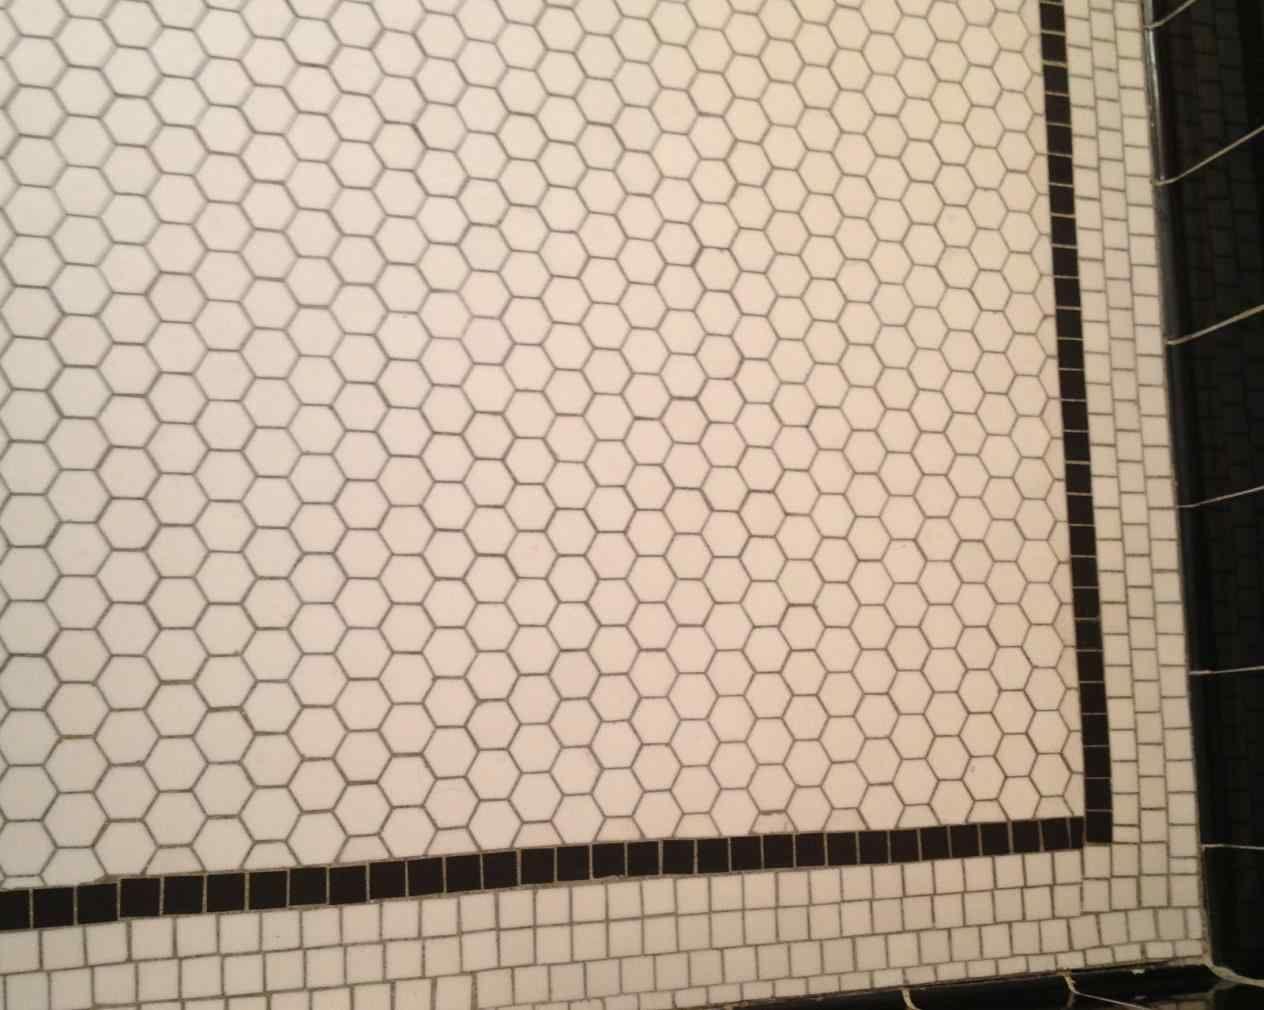 51 Luxury Mosaic Floor Ideas Pattern Decornish Dot Com Vintage Bathroom Tile Mosaic Flooring Vintage Bathroom Floor